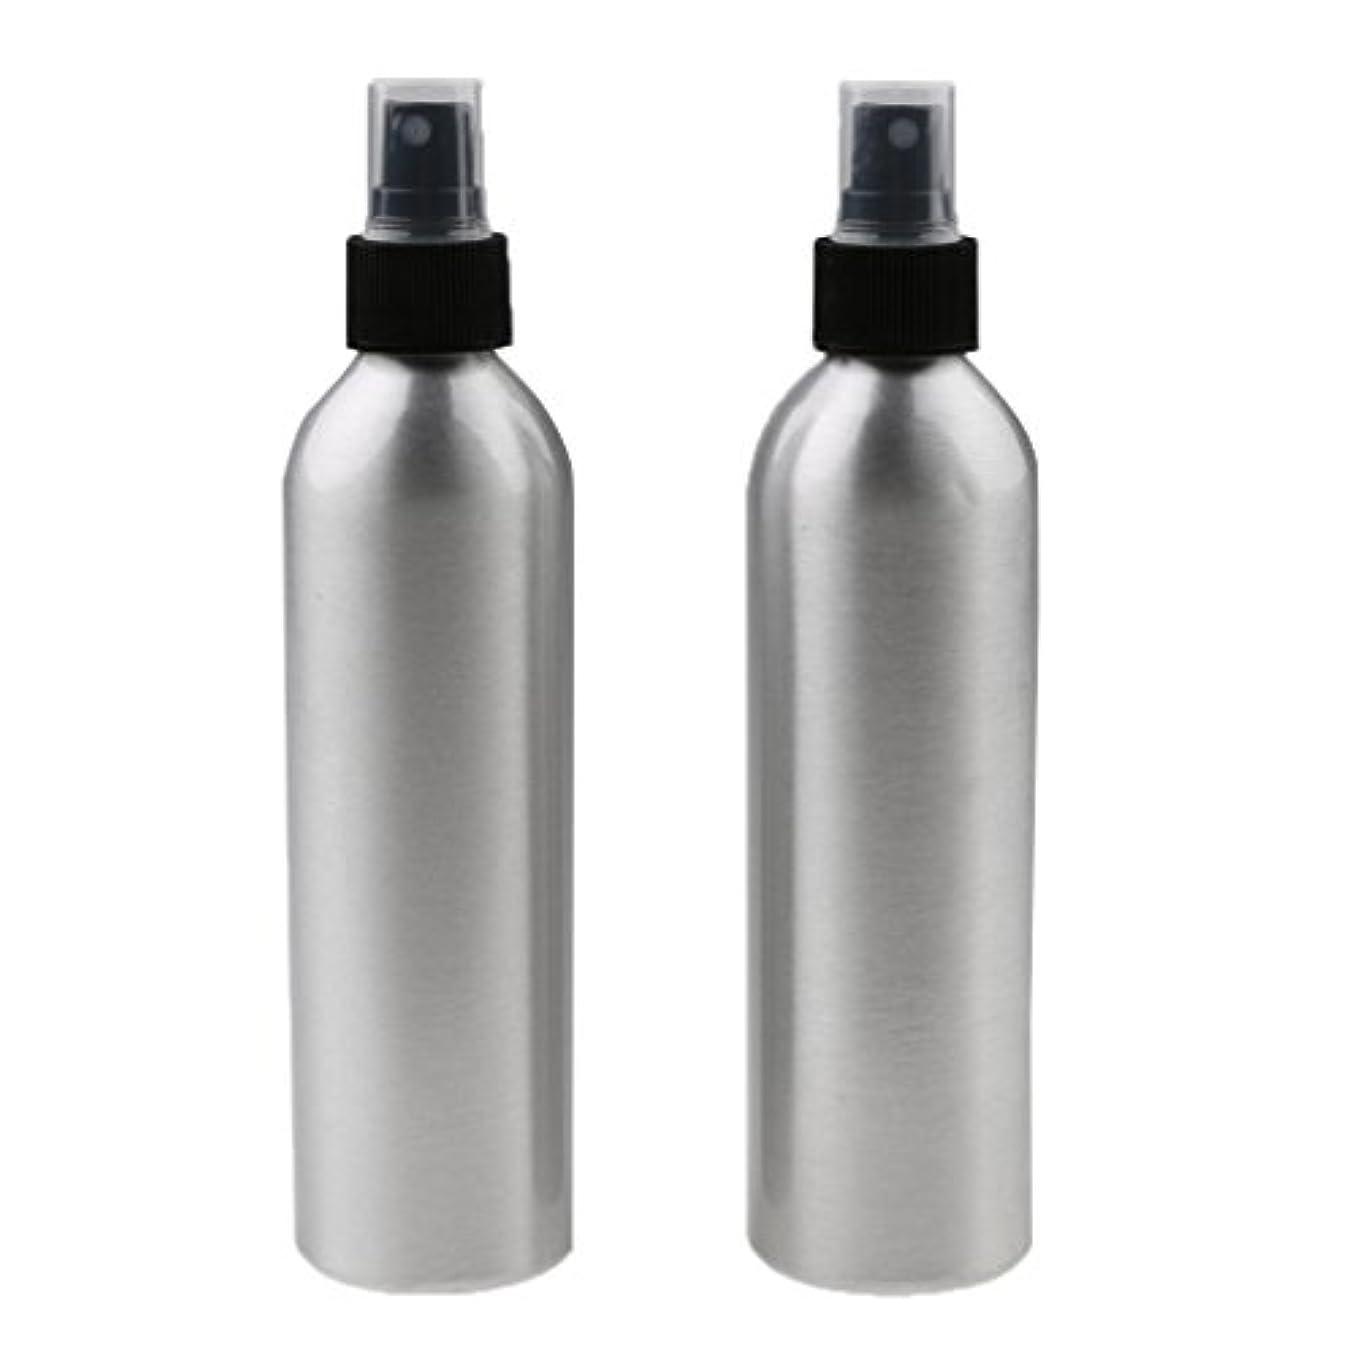 鷲バングラデシュ研磨剤SONONIA 2個入り 旅行 アルミ ミスト スプレー 香水ボトル メイクアップ スプレー アトマイザー 小分けボトル  漏れ防止 出張 海外旅行用 全4サイズ - 100ml